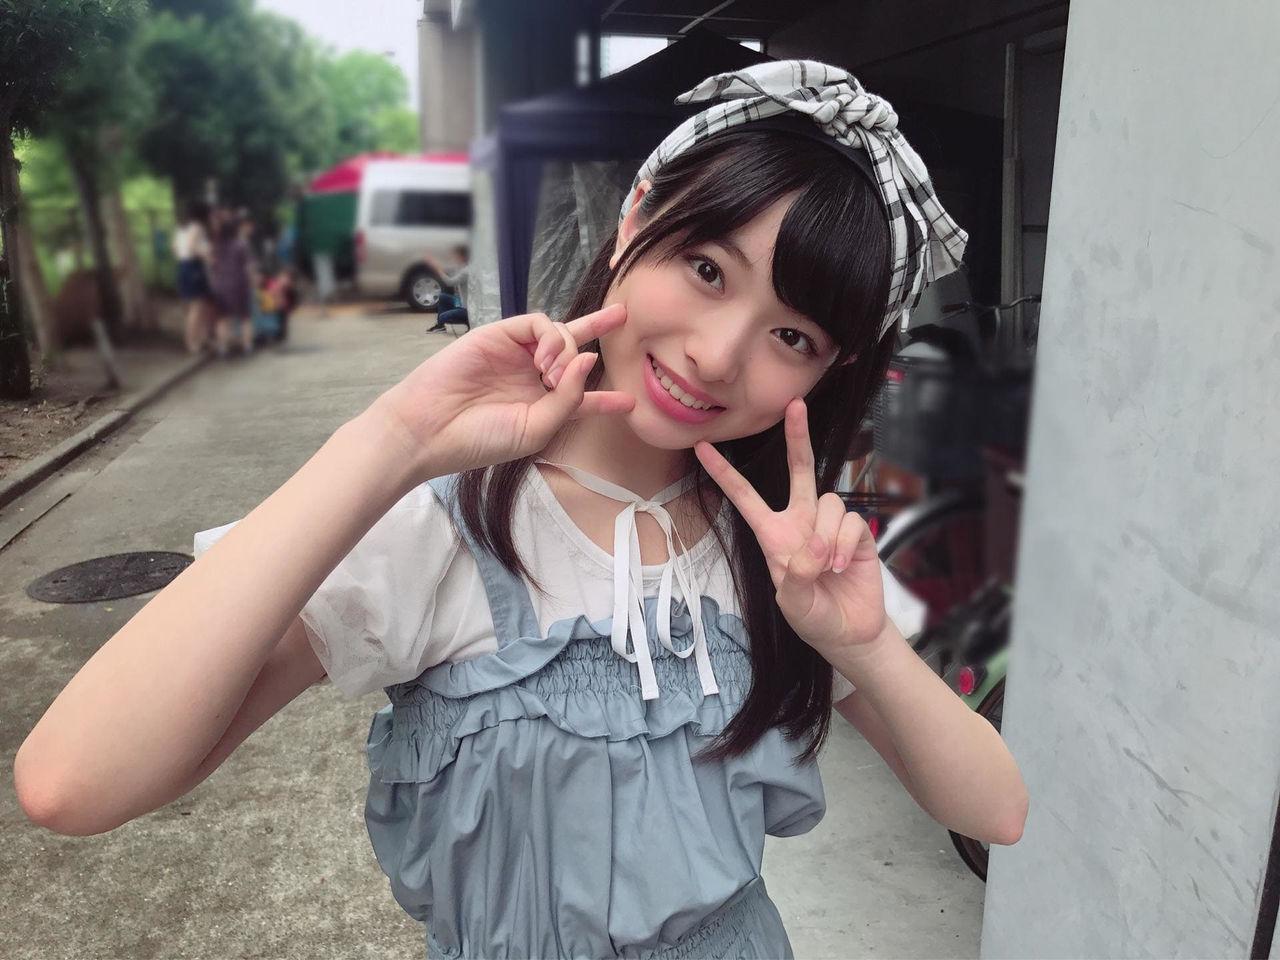 【AKB48】久保怜音の人気が伸び悩んでいる理由は?→